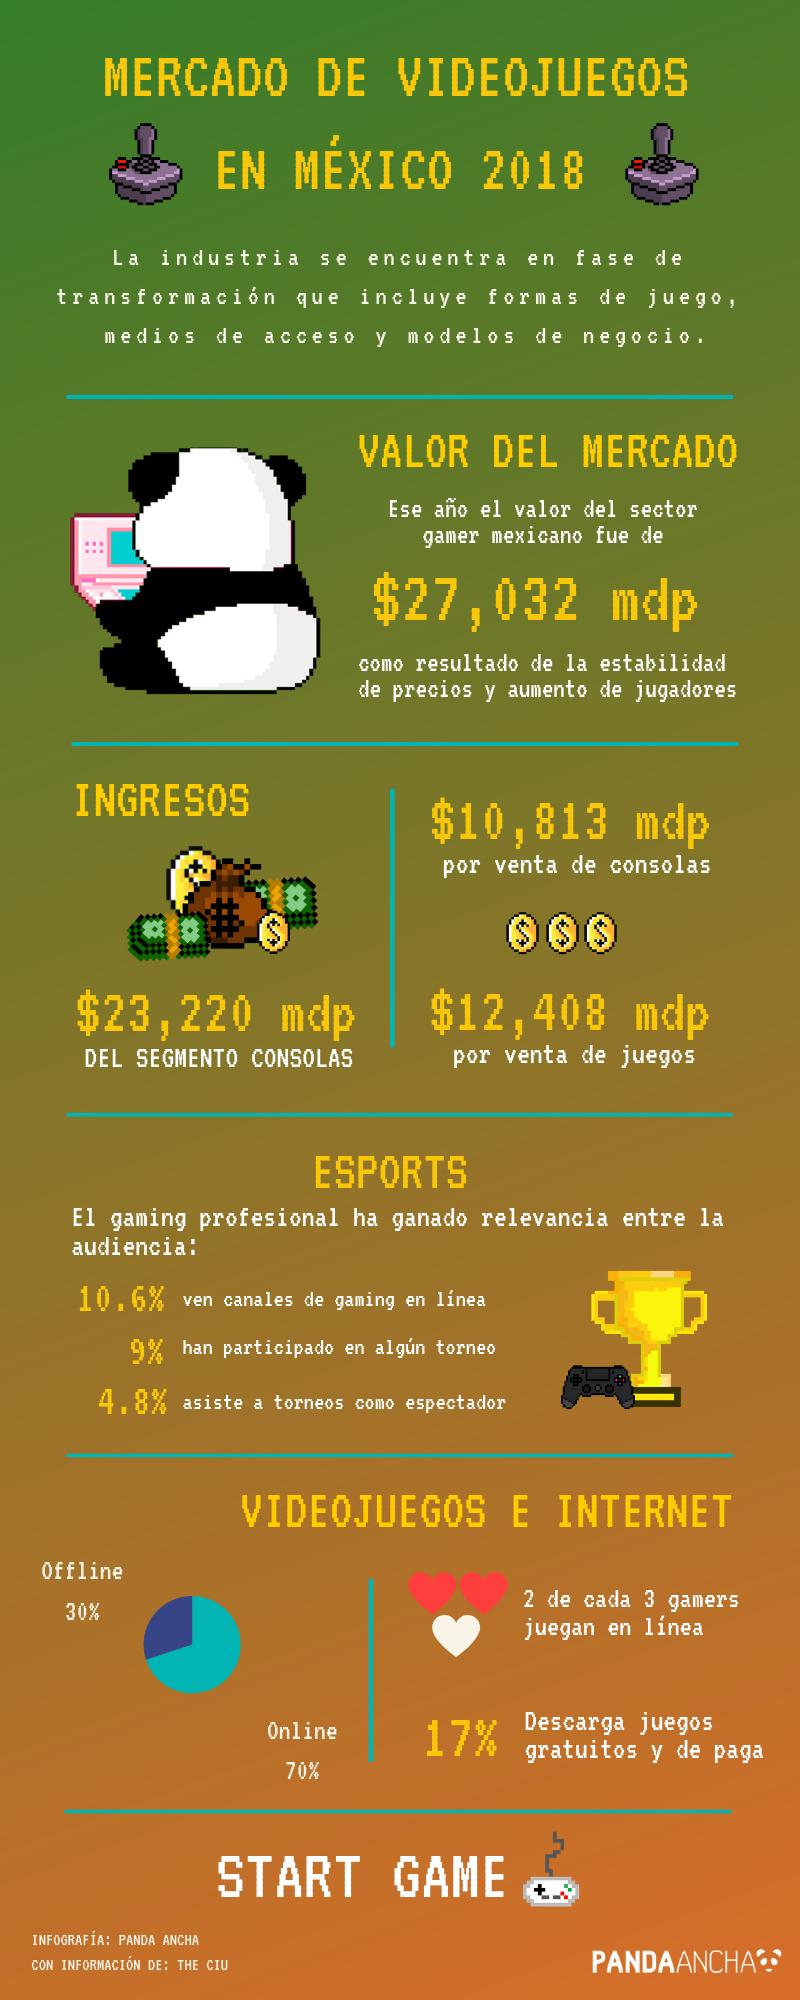 Mercado de videojuegos en México 2018 (INFOGRAFÍA)